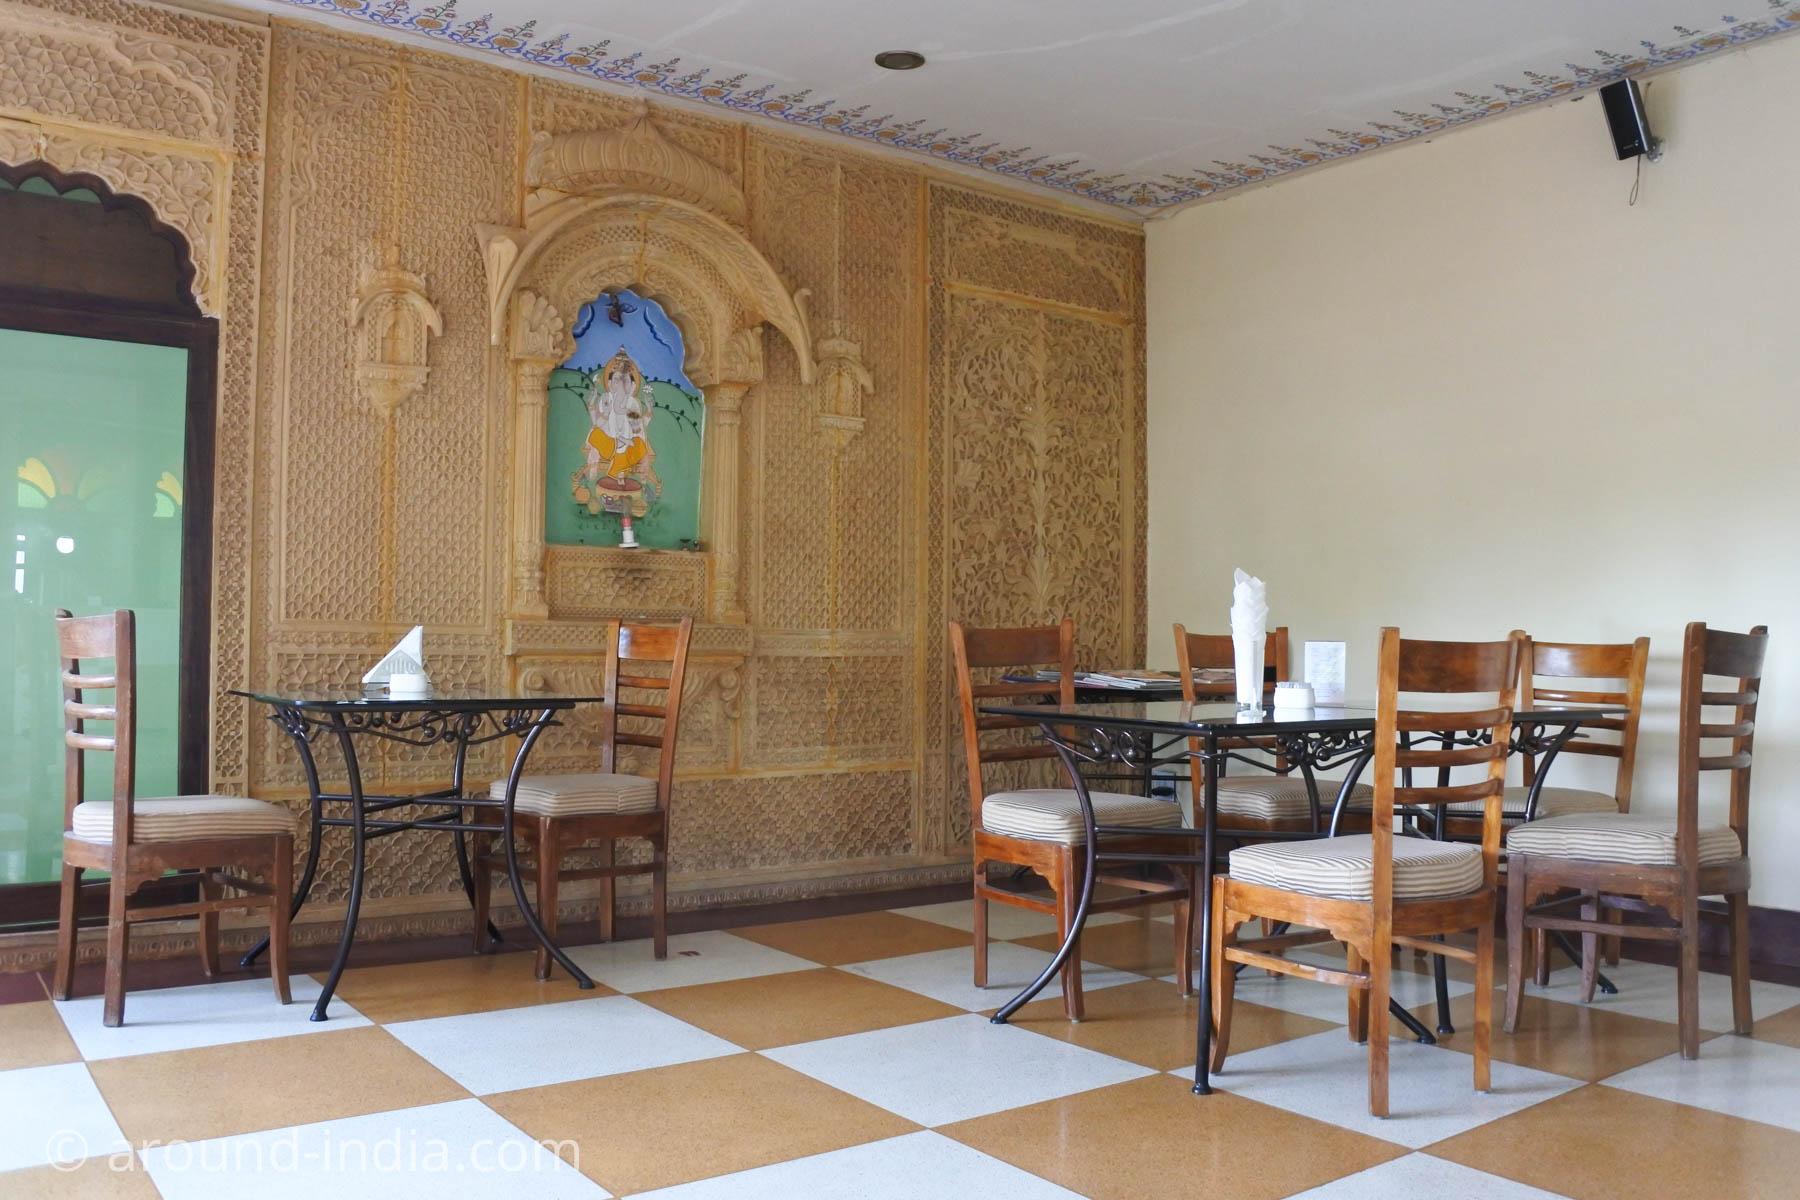 ジョードプルのカフェSheesh mahal店内